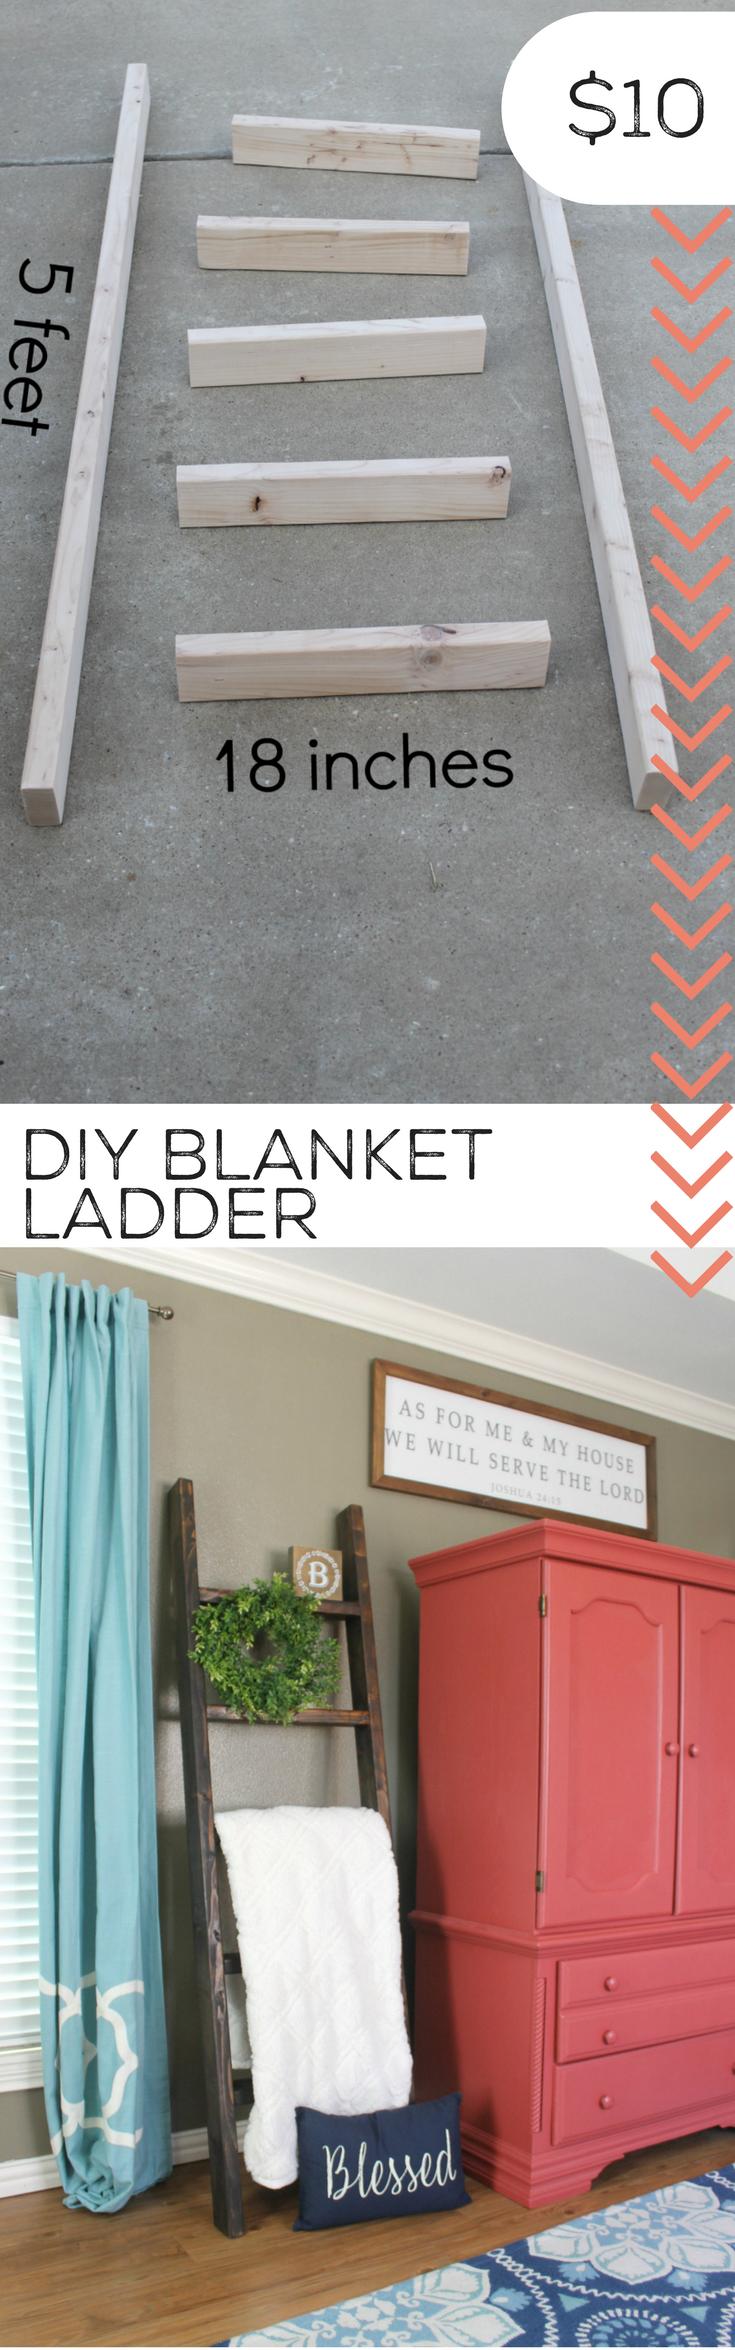 How to make a diy blanket ladder for just diy blanket ladder